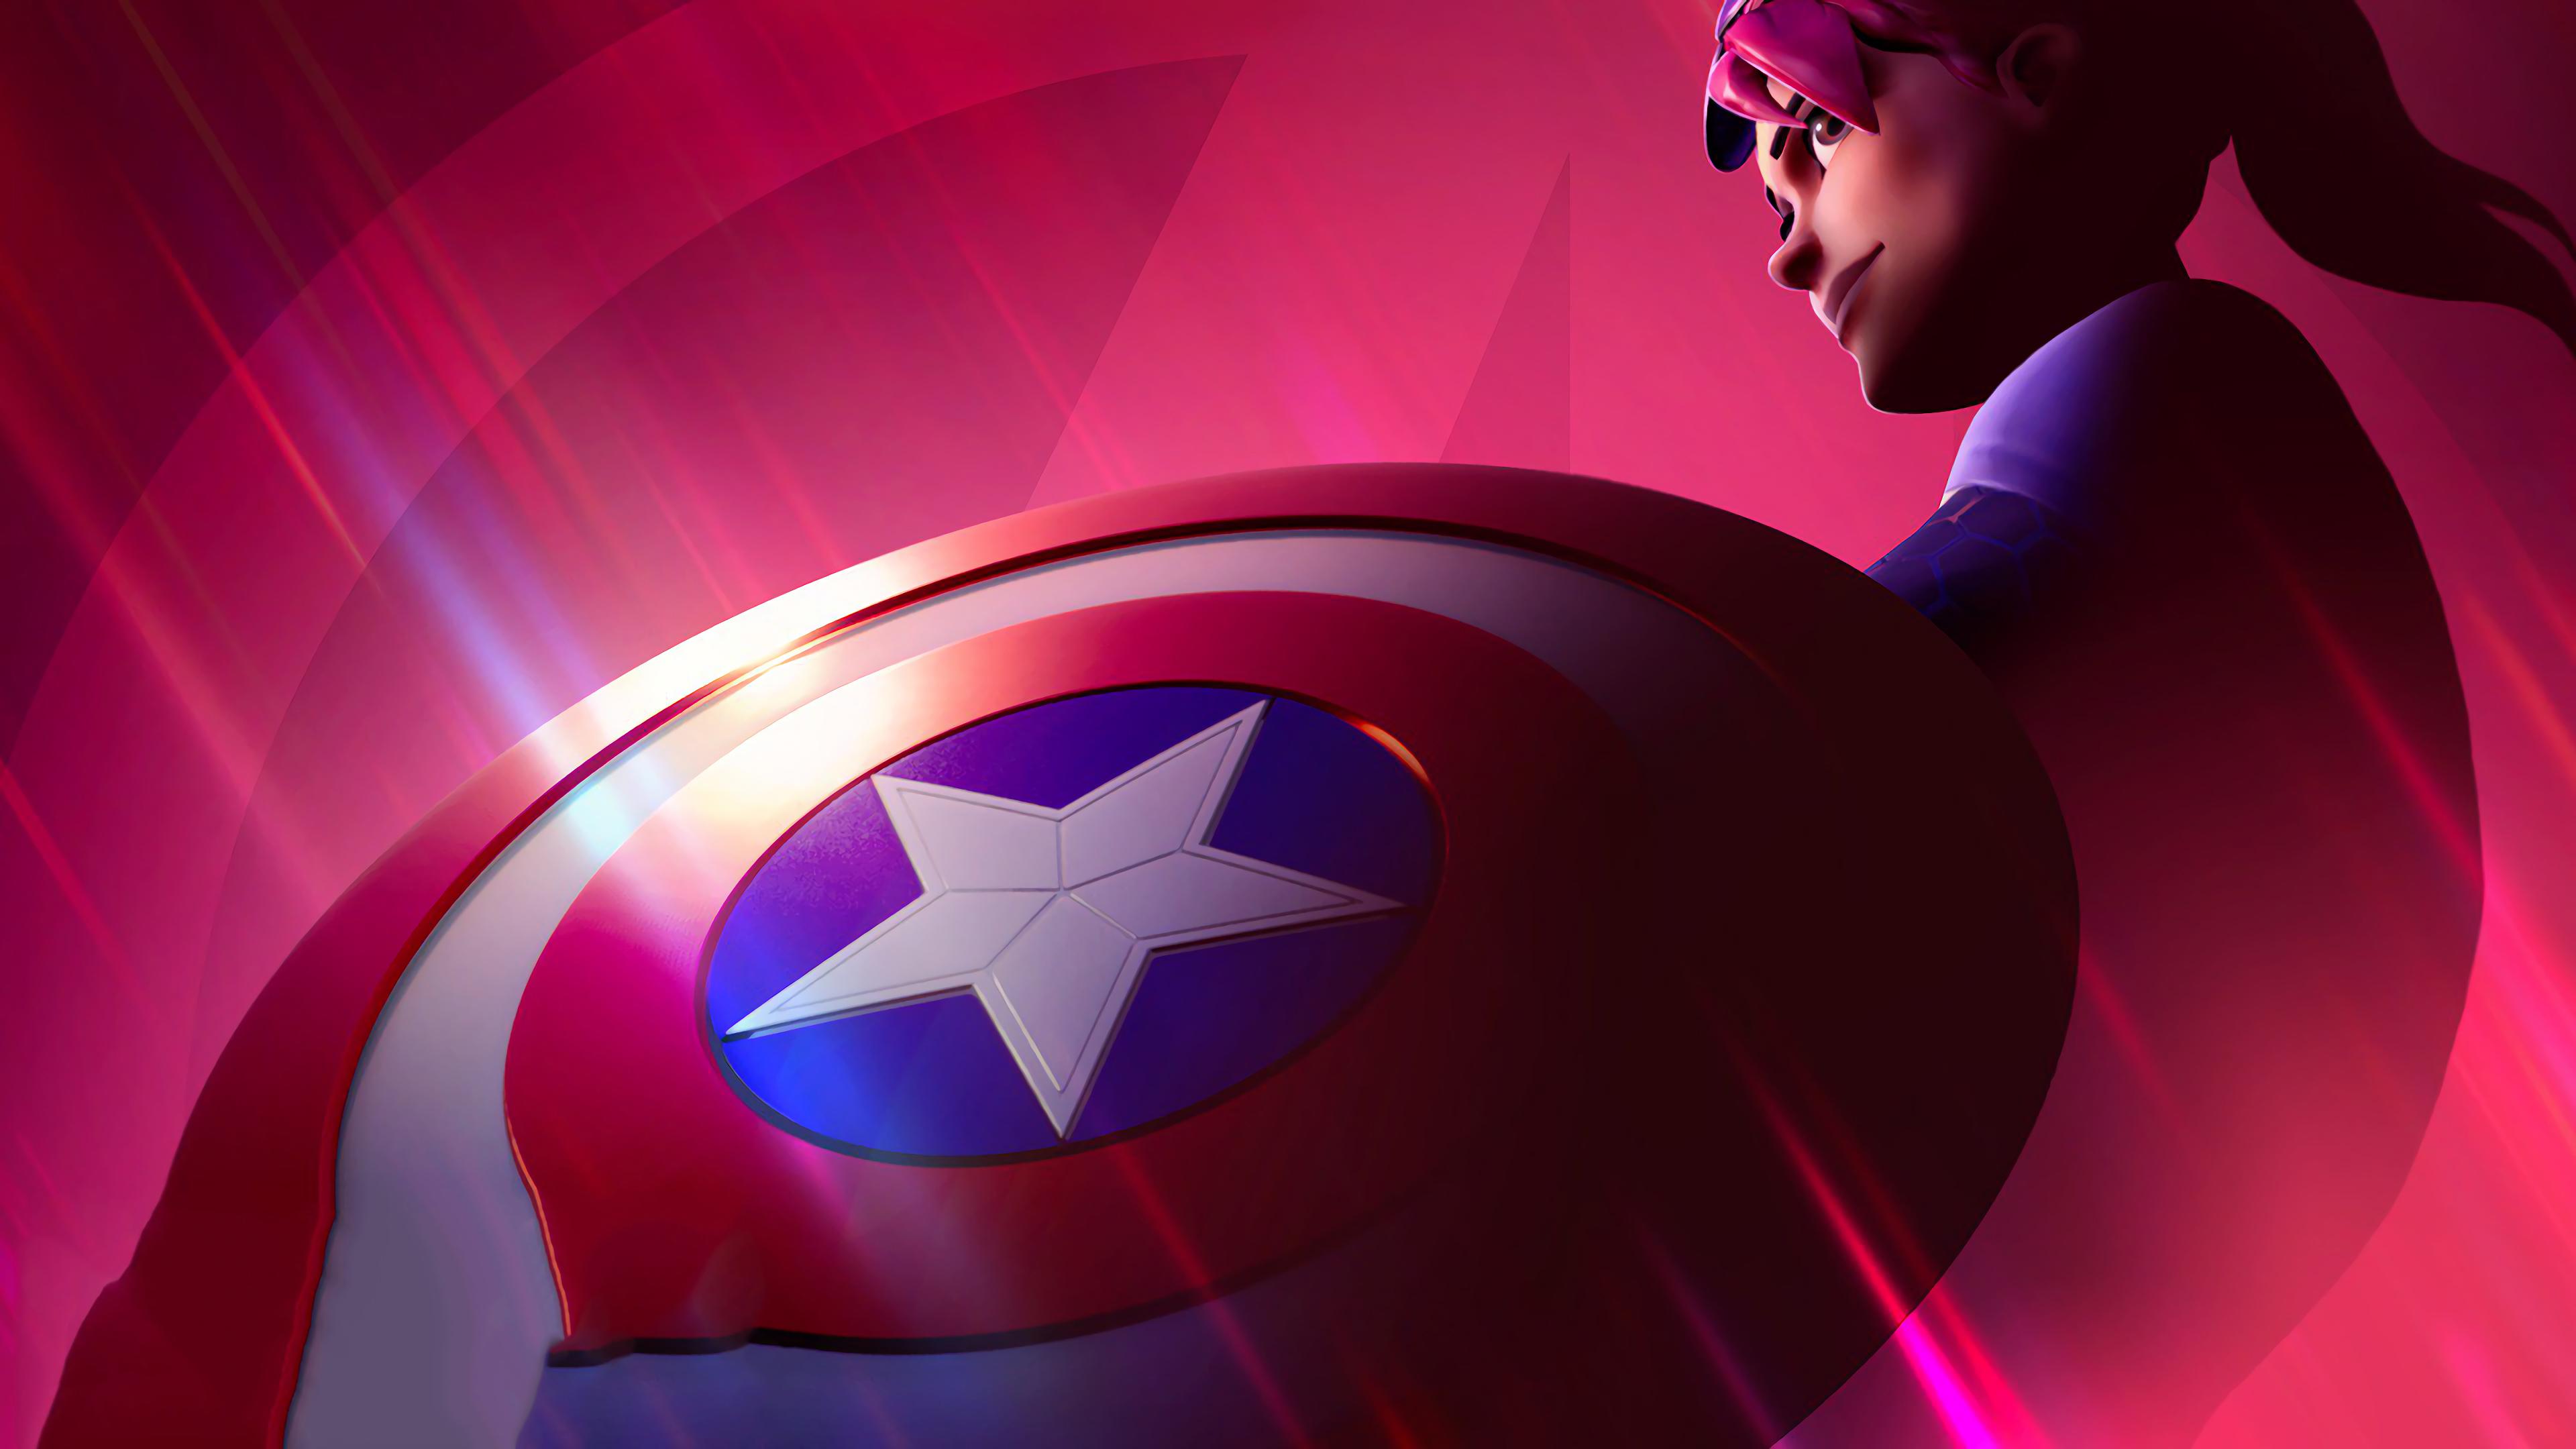 fortnite captain america avengers 4k 1557260415 - Fortnite Captain America Avengers 4k - hd-wallpapers, games wallpapers, fortnite wallpapers, avengers endgame wallpapers, 4k-wallpapers